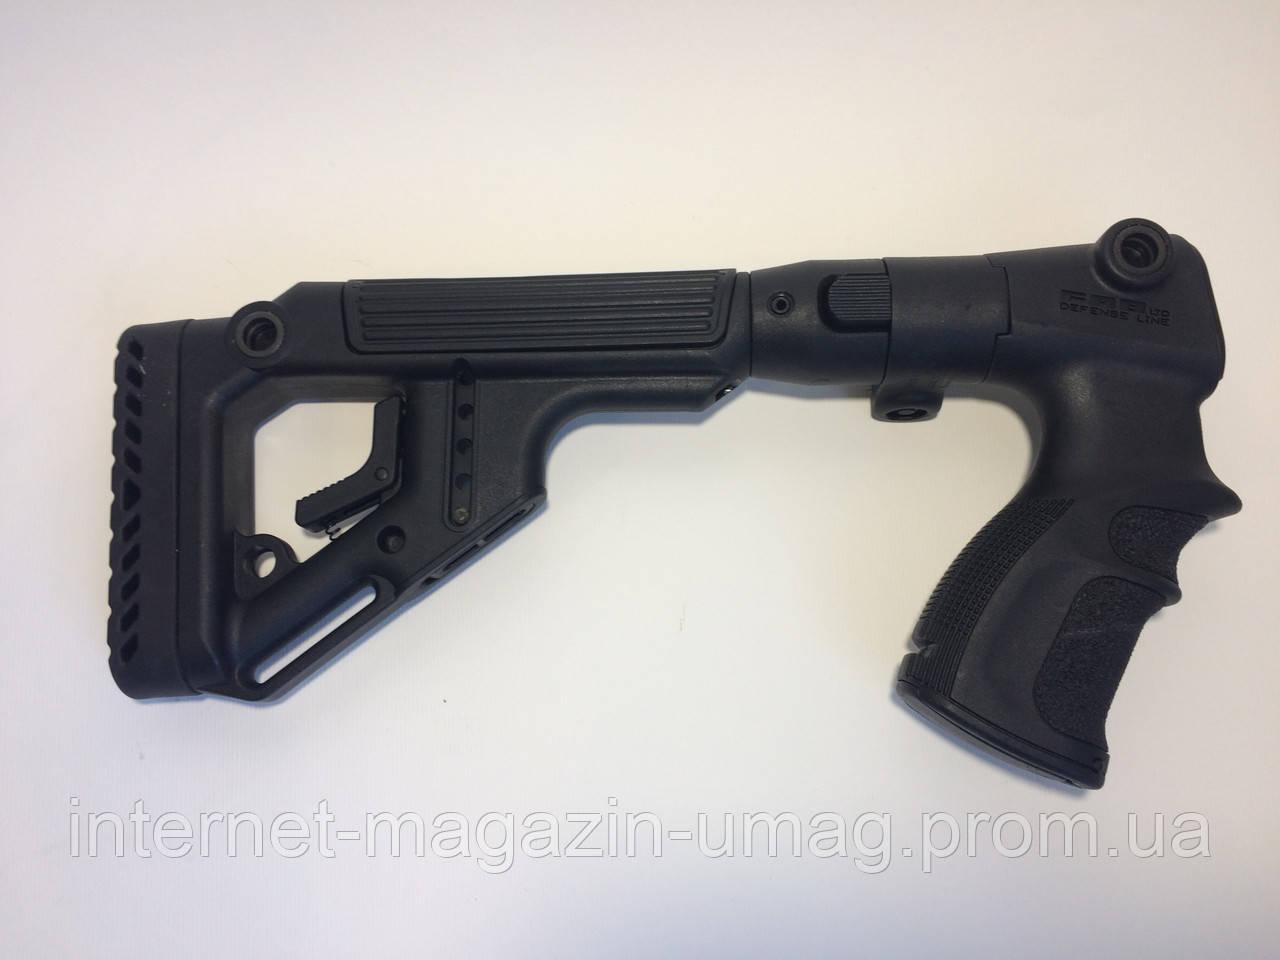 Приклад FAB Defense для Rem870 с регулируемой щекой